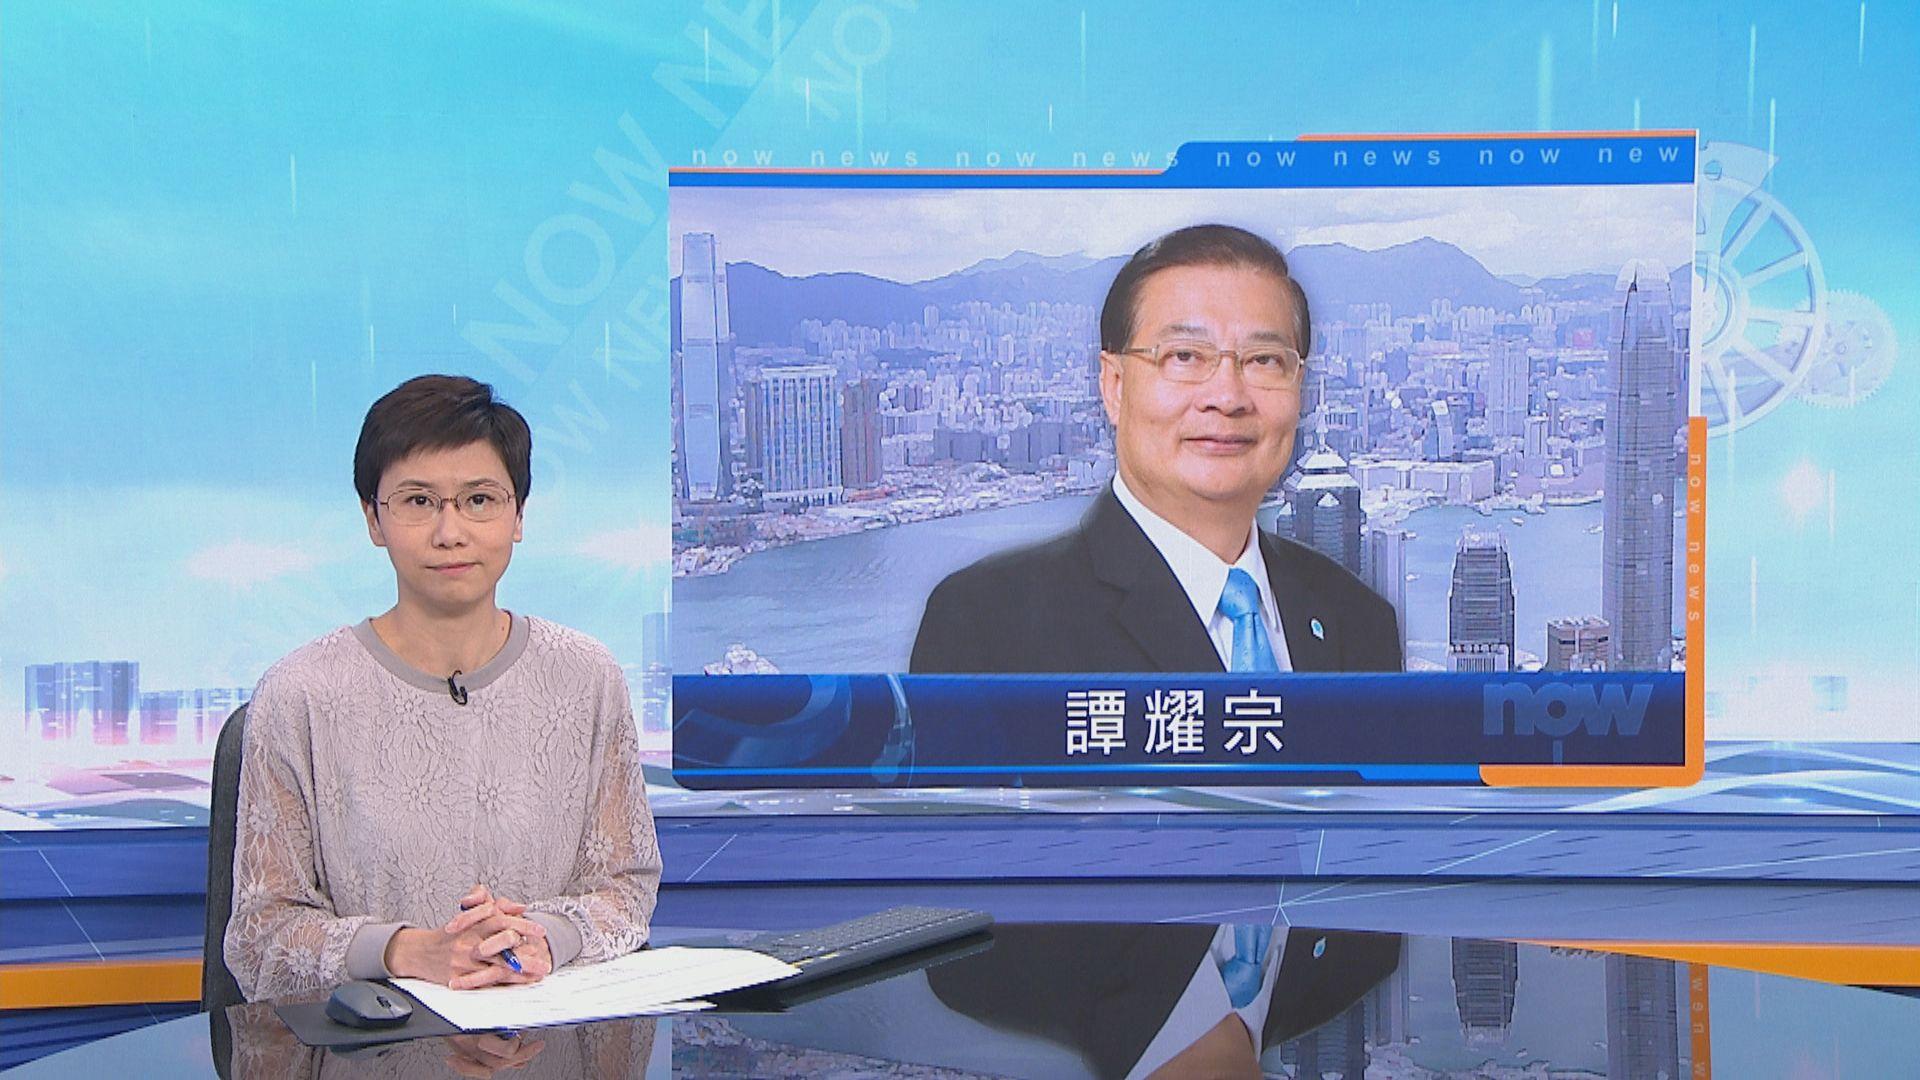 譚耀宗批民主派干擾議會運作 引民調指不適合做議員